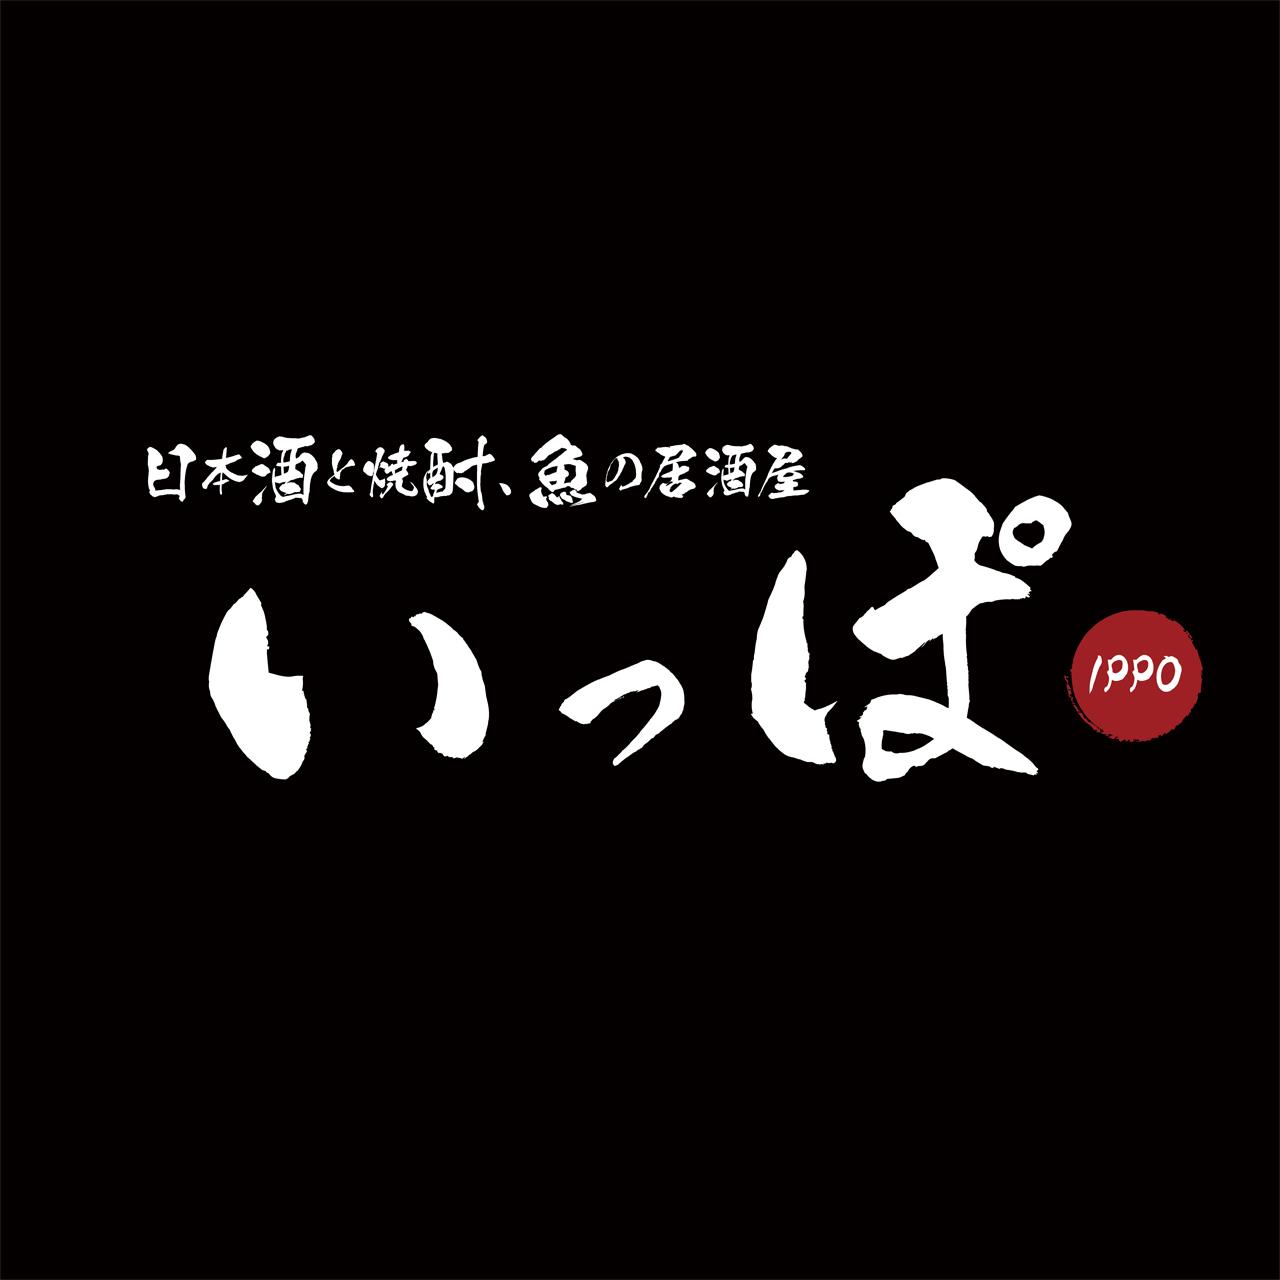 居酒屋いっぽ ロゴ制作